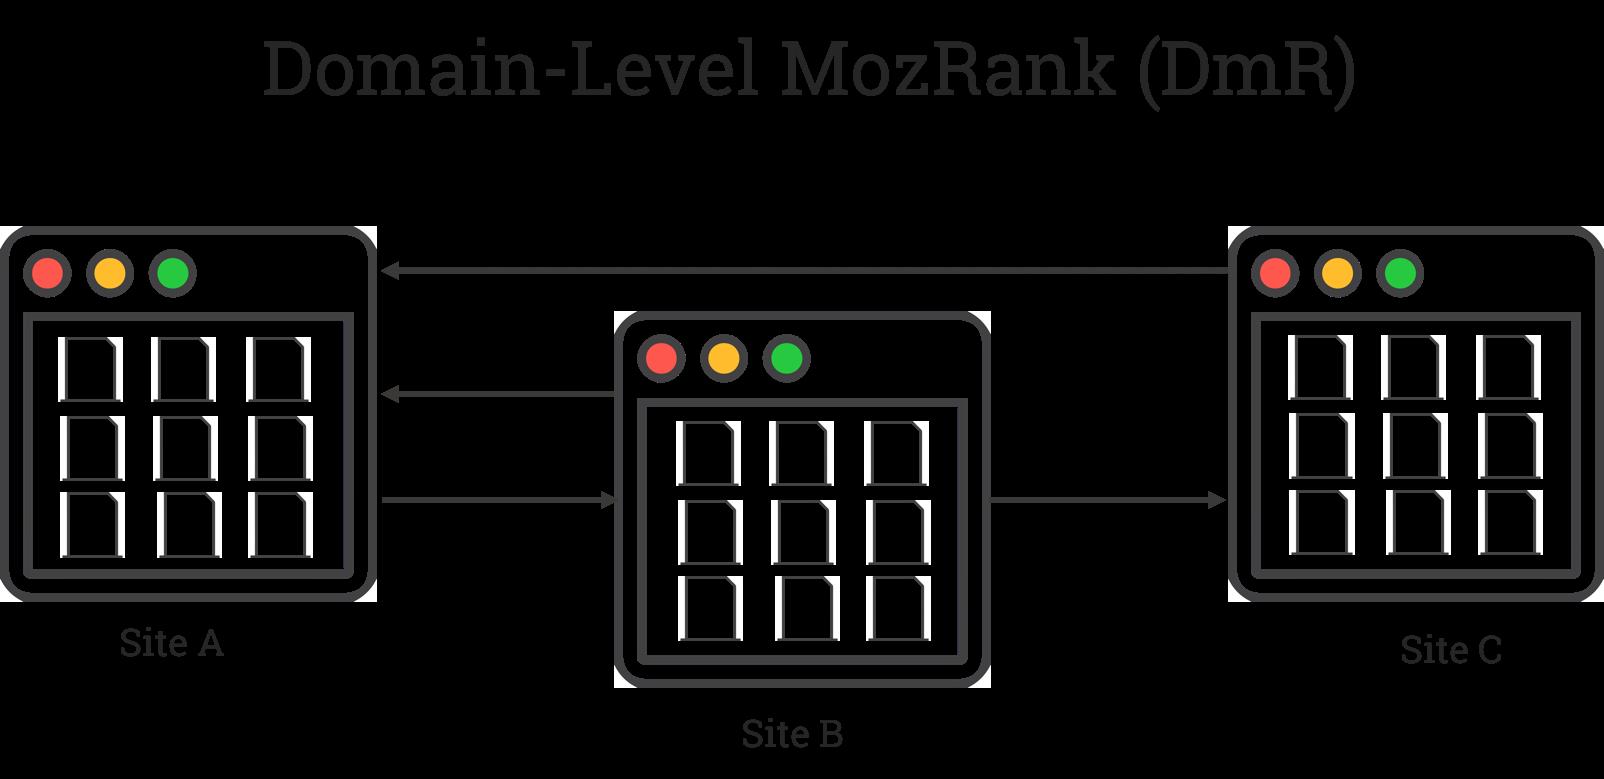 che cos'è il MozRank domain